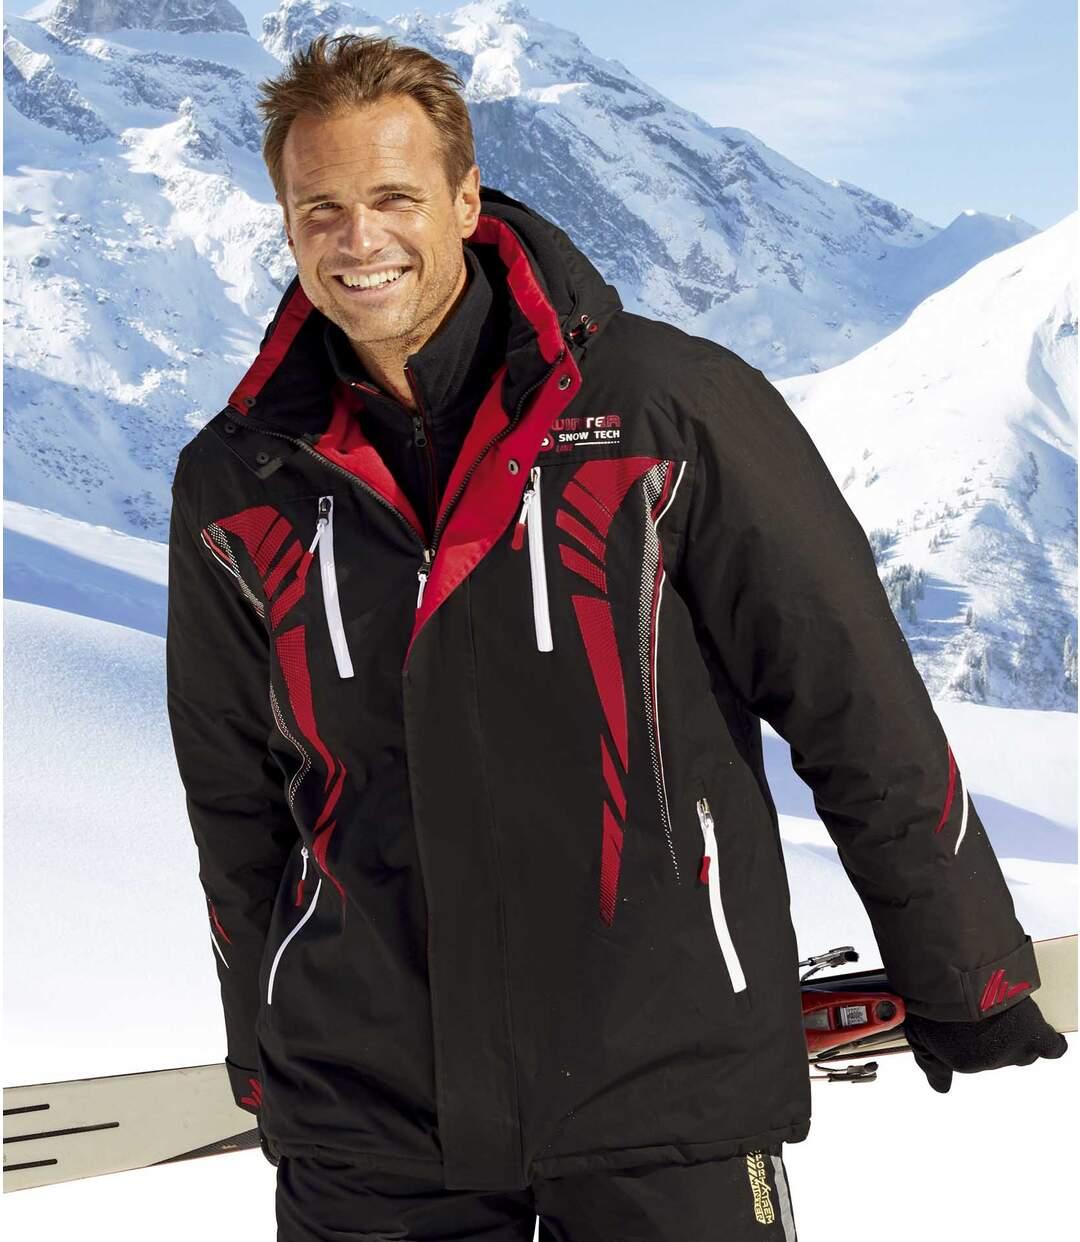 Bunda Ski Snow Tech